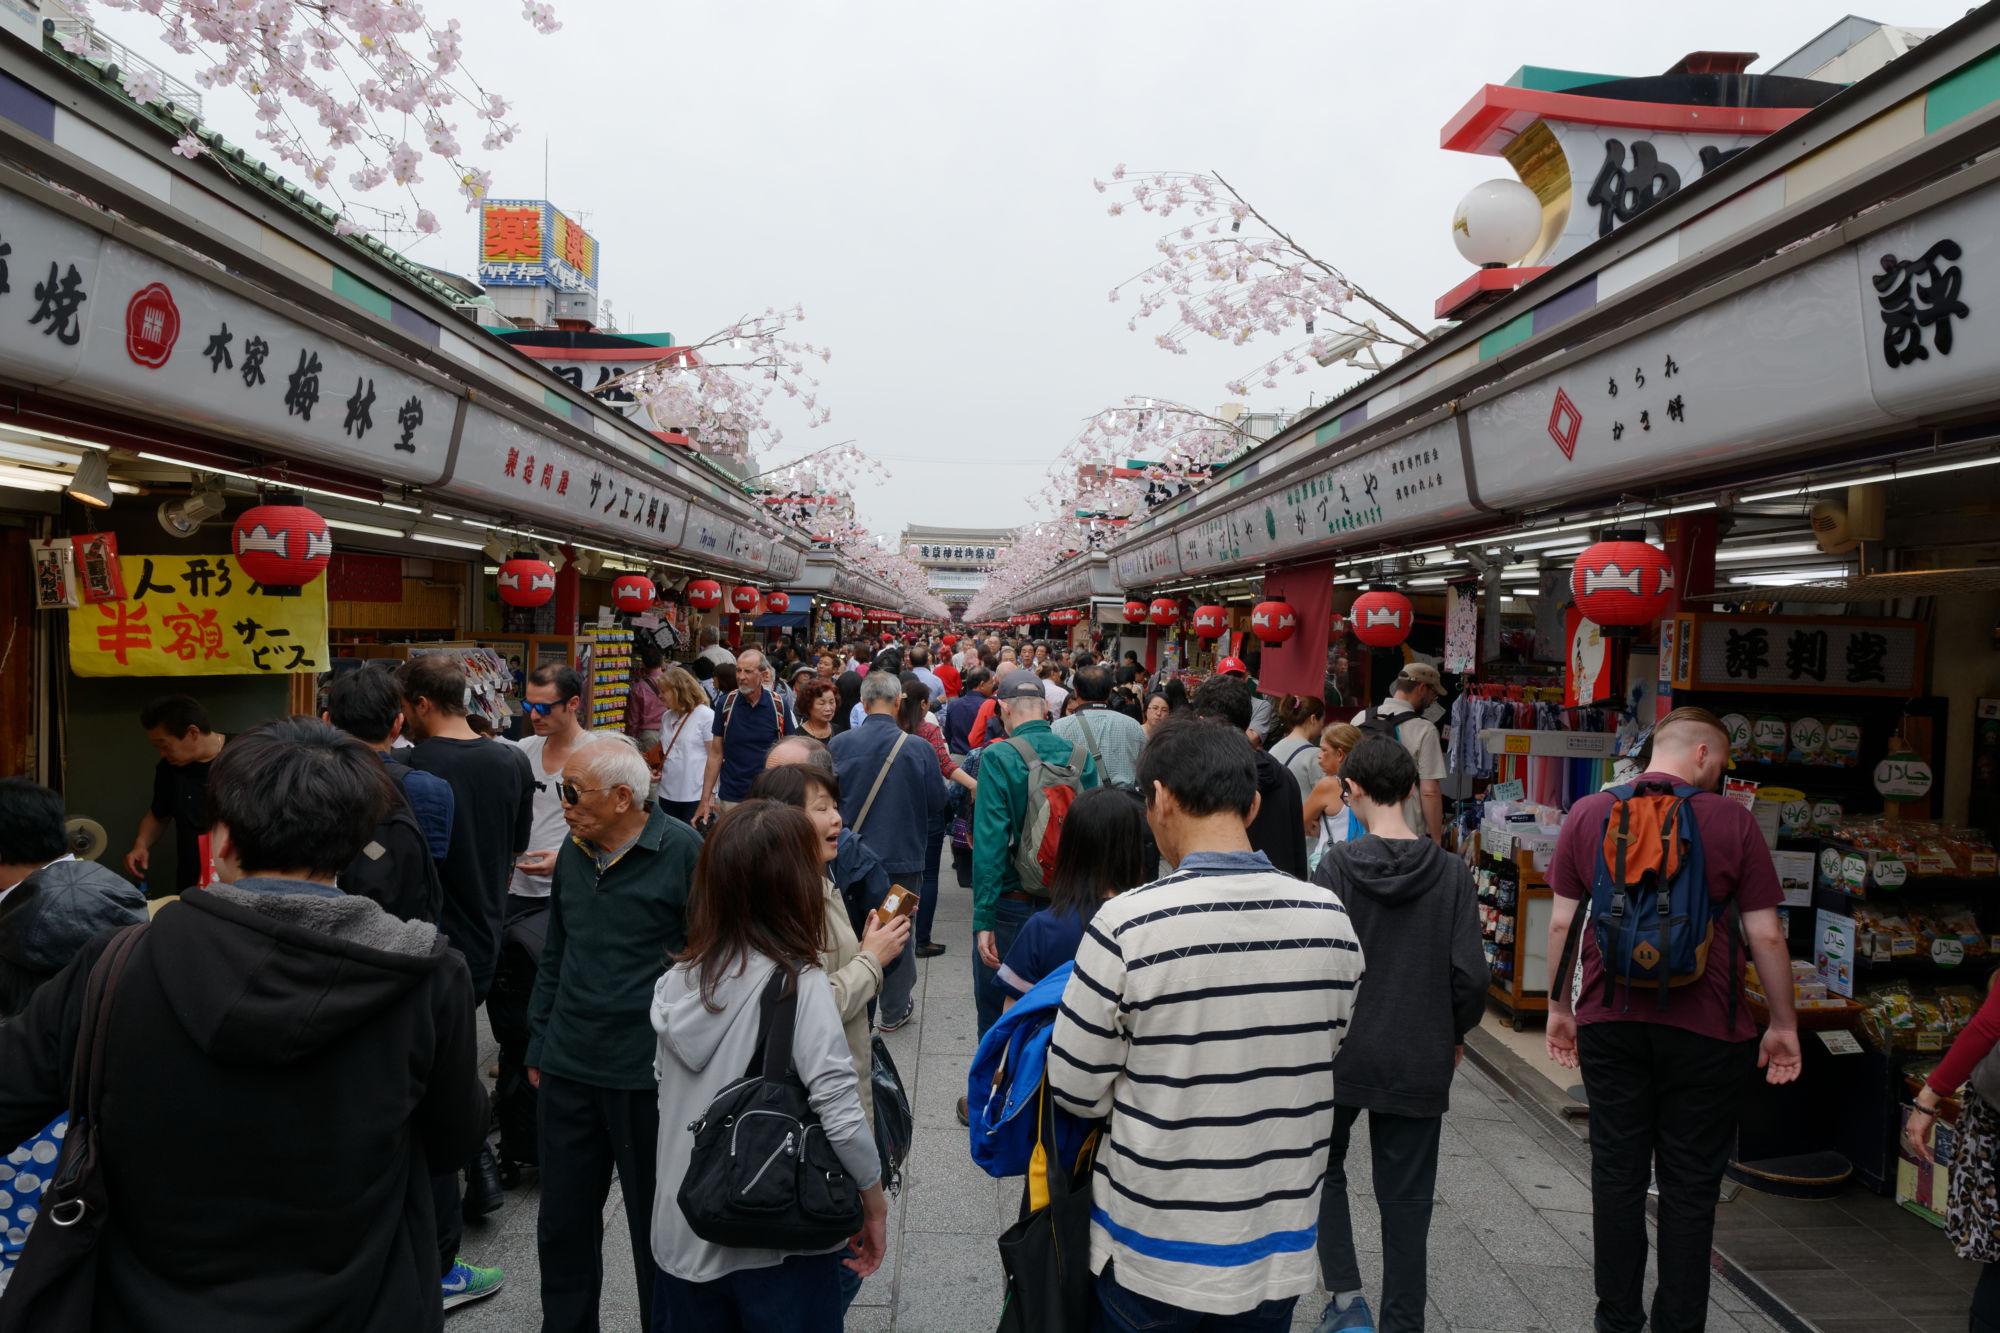 2017-04-17 13-05-44 Tokio